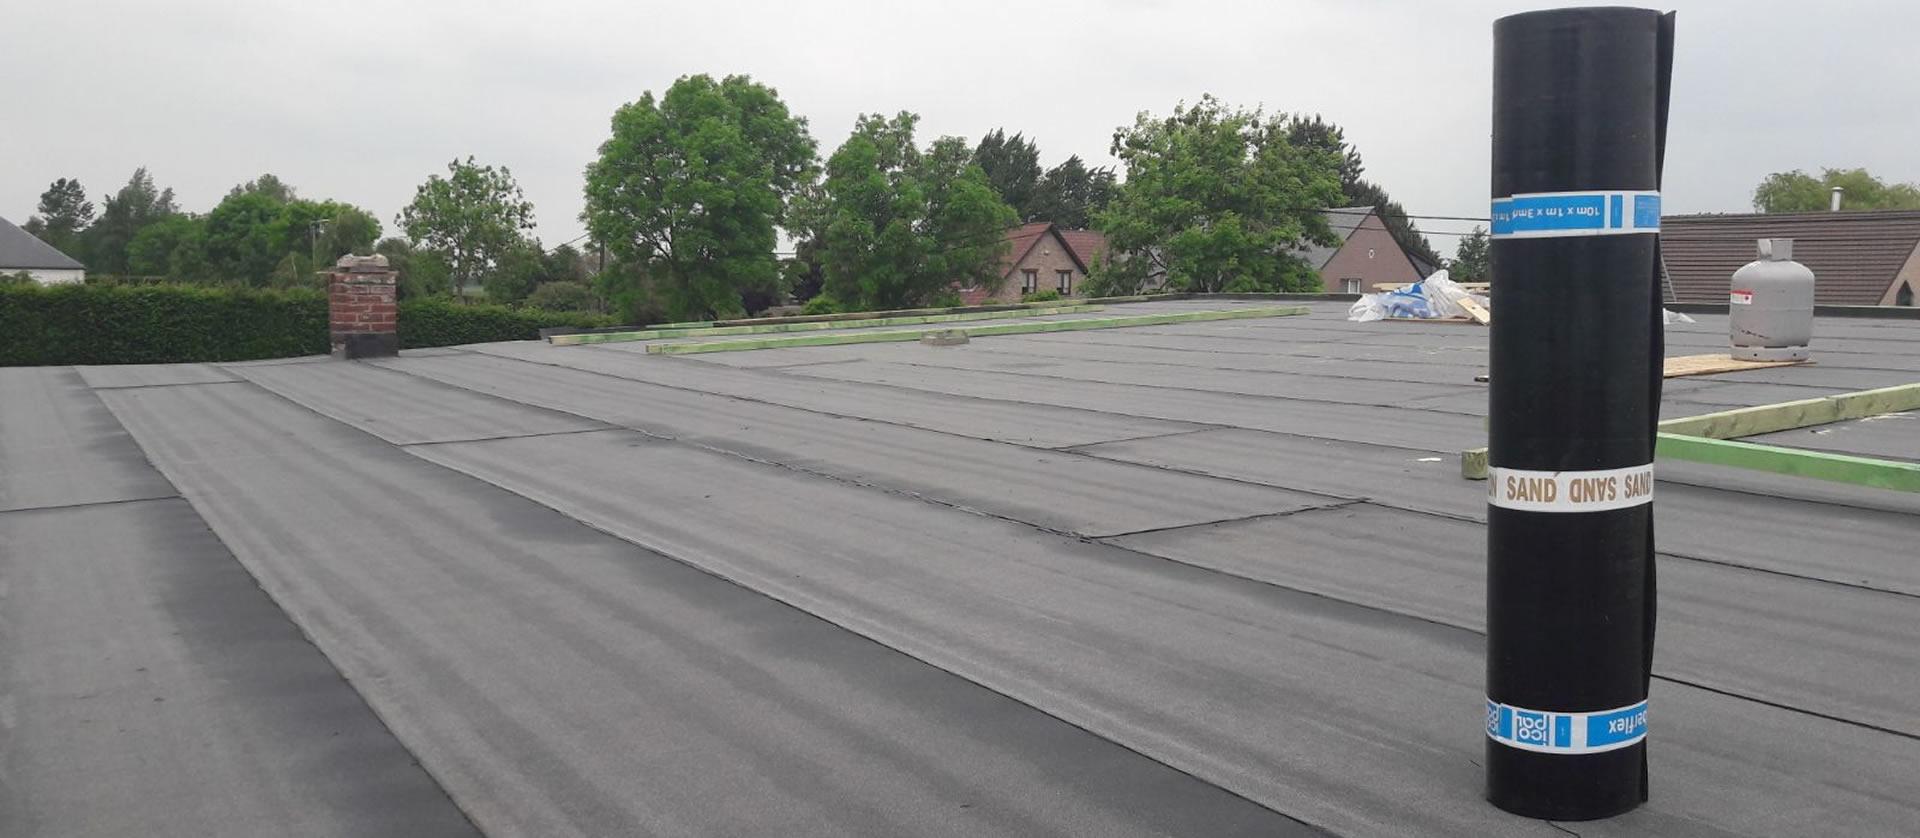 dc-dakwerken-limburg-roofing-bitumen